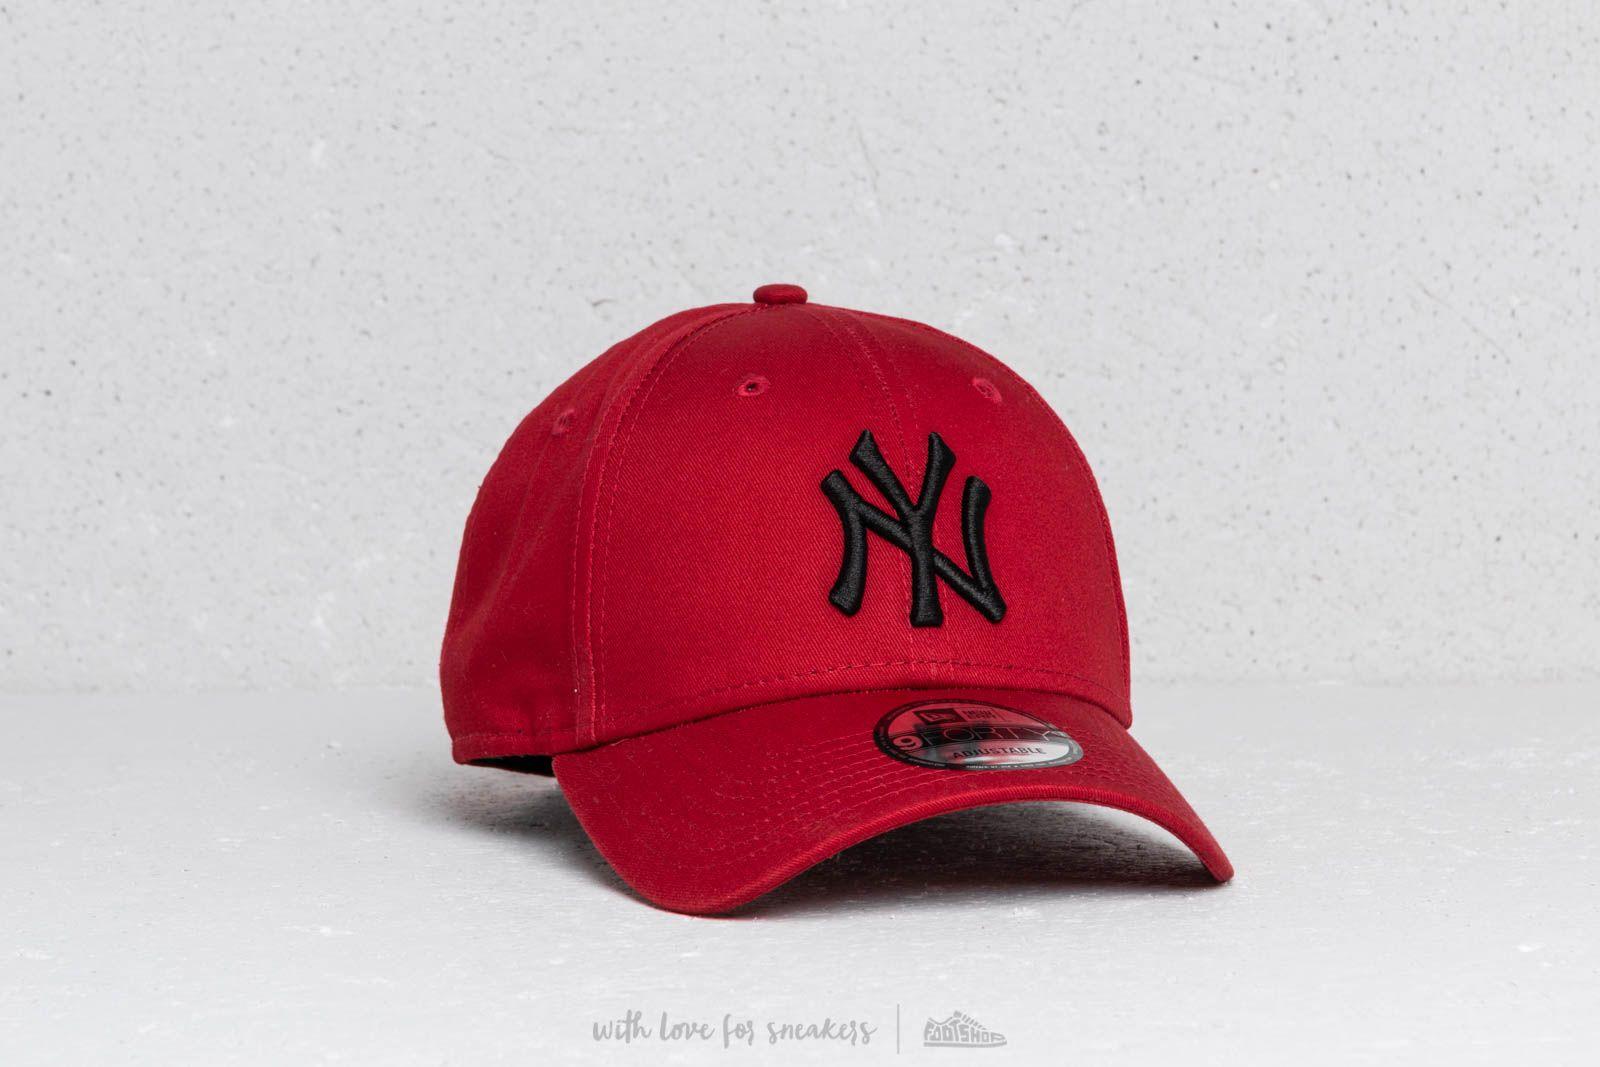 ddda62f7dd0 New Era 9Forty MLB League Essential New York Yankees Hot Red  Black